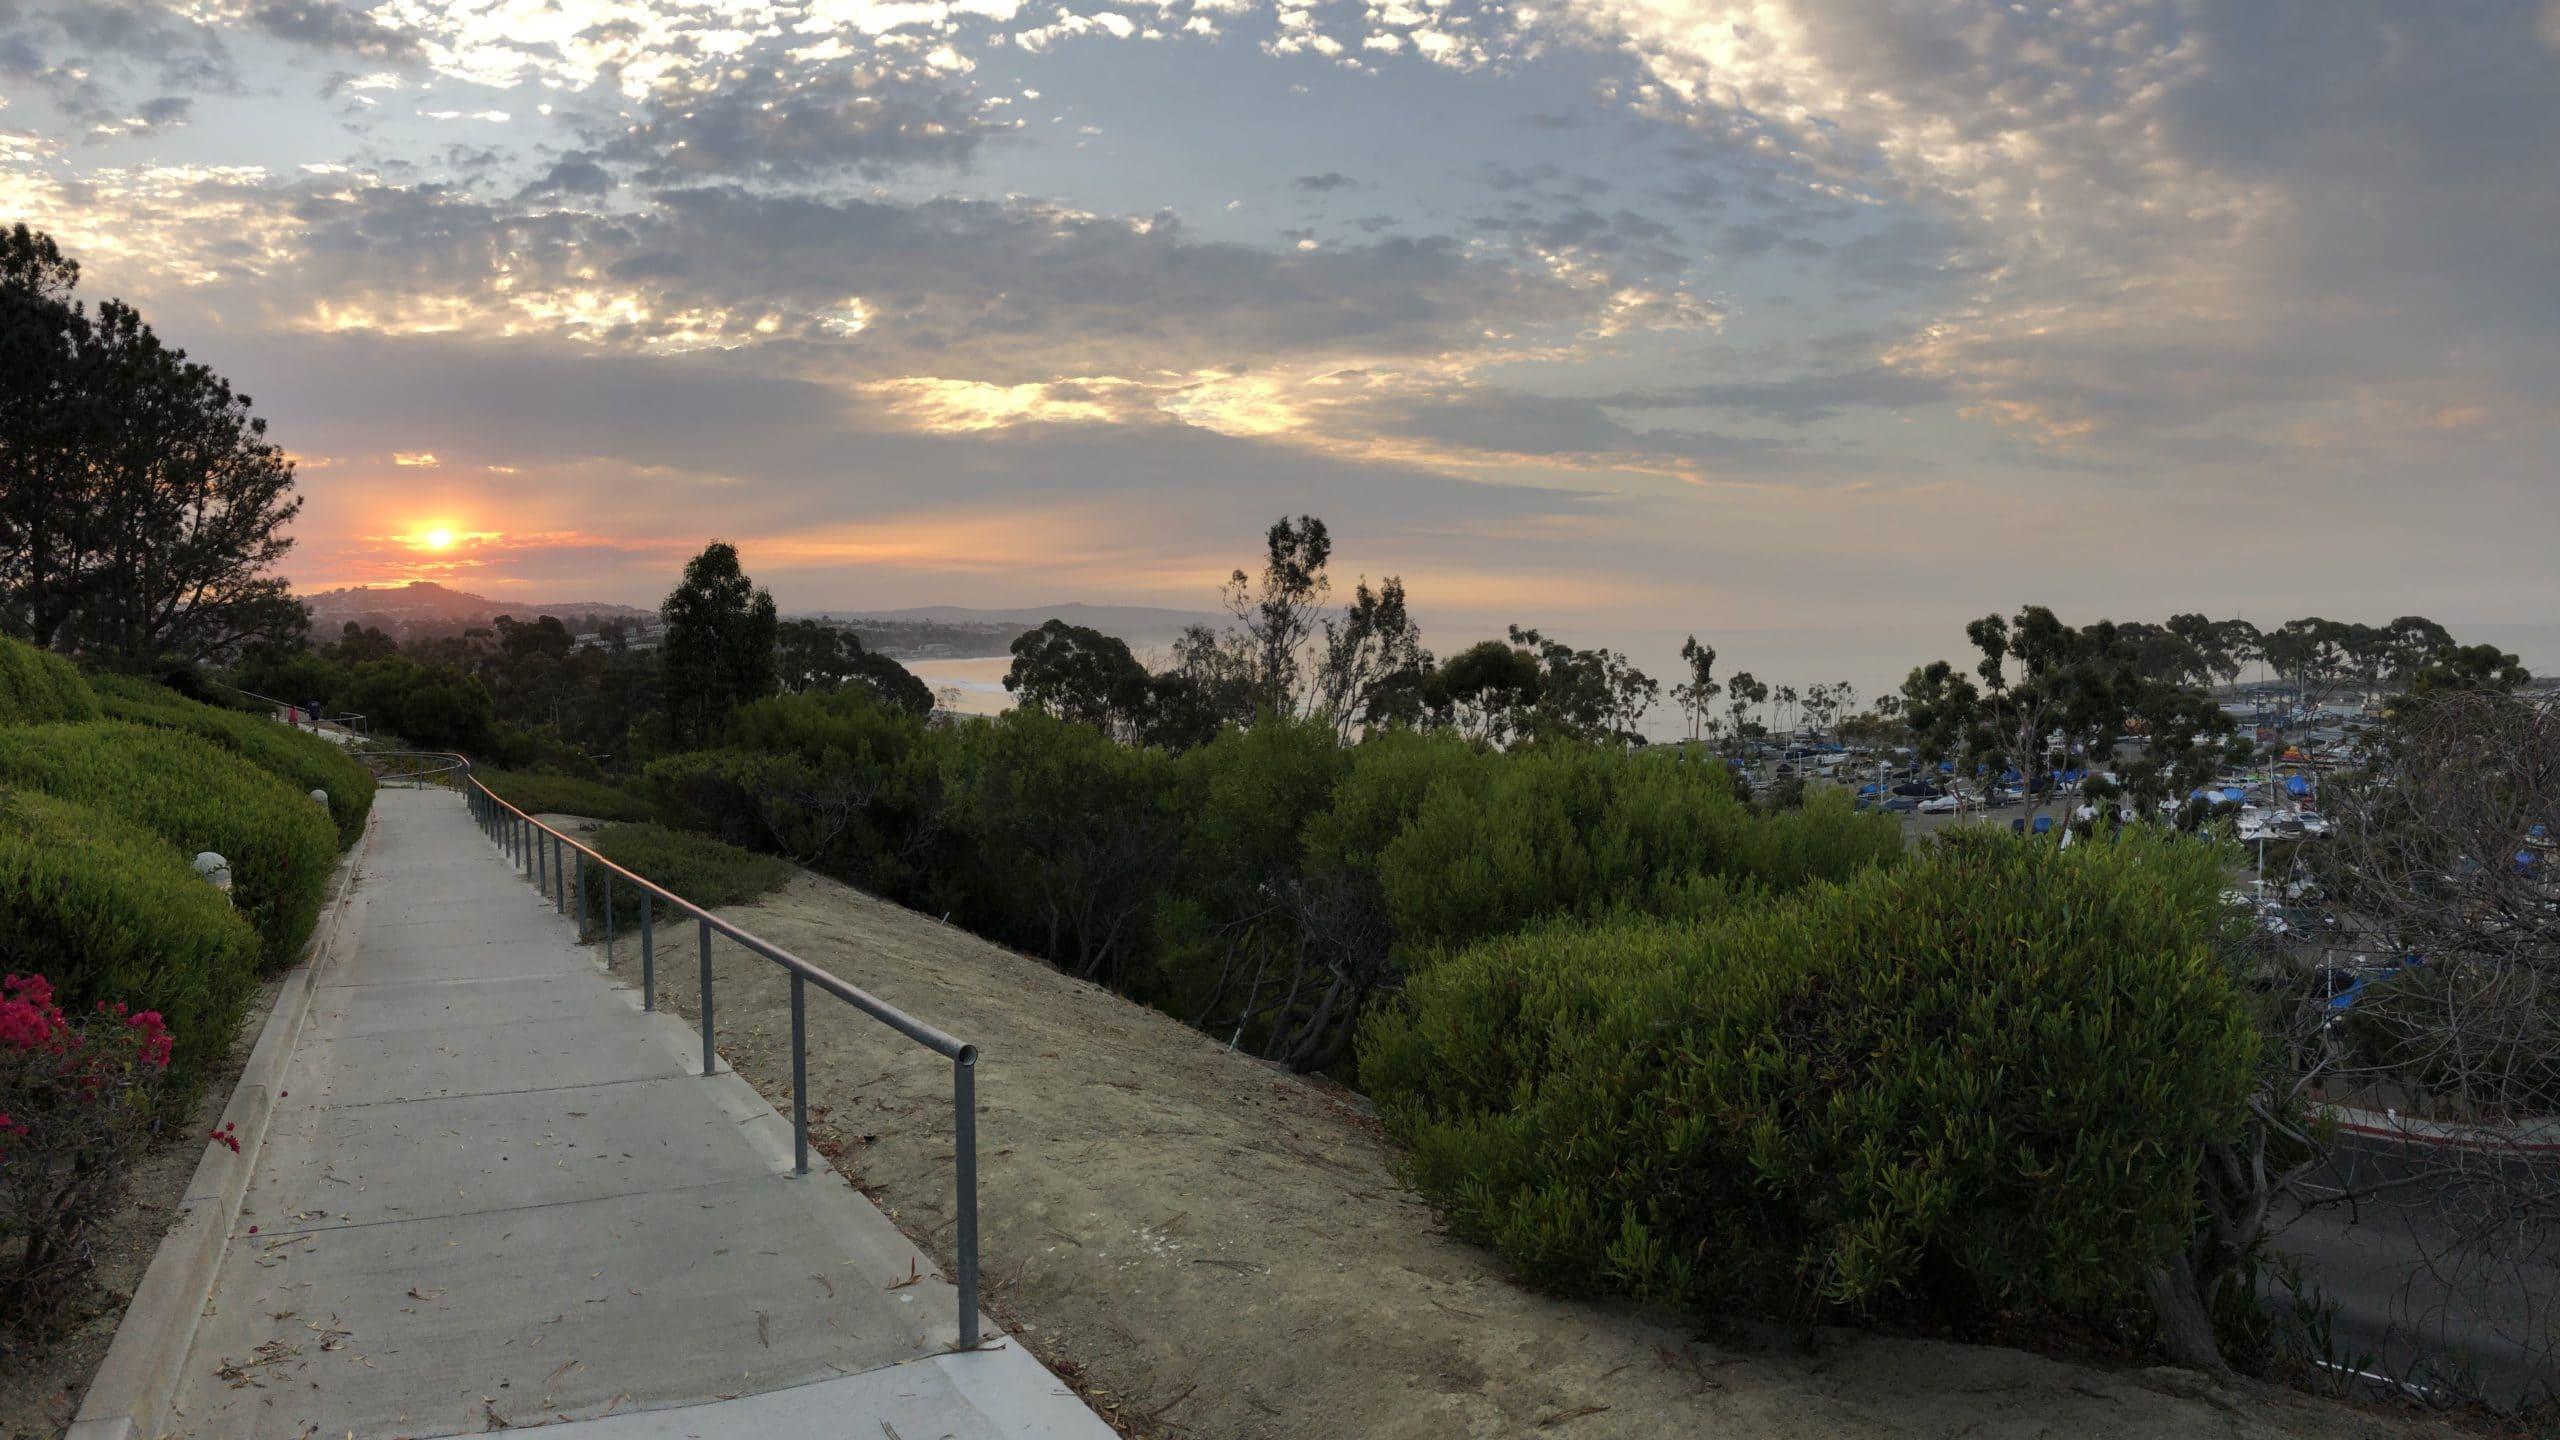 Der erste Morgen: Sonnenaufgang im Calicamp in Dana Point in Kalifornien